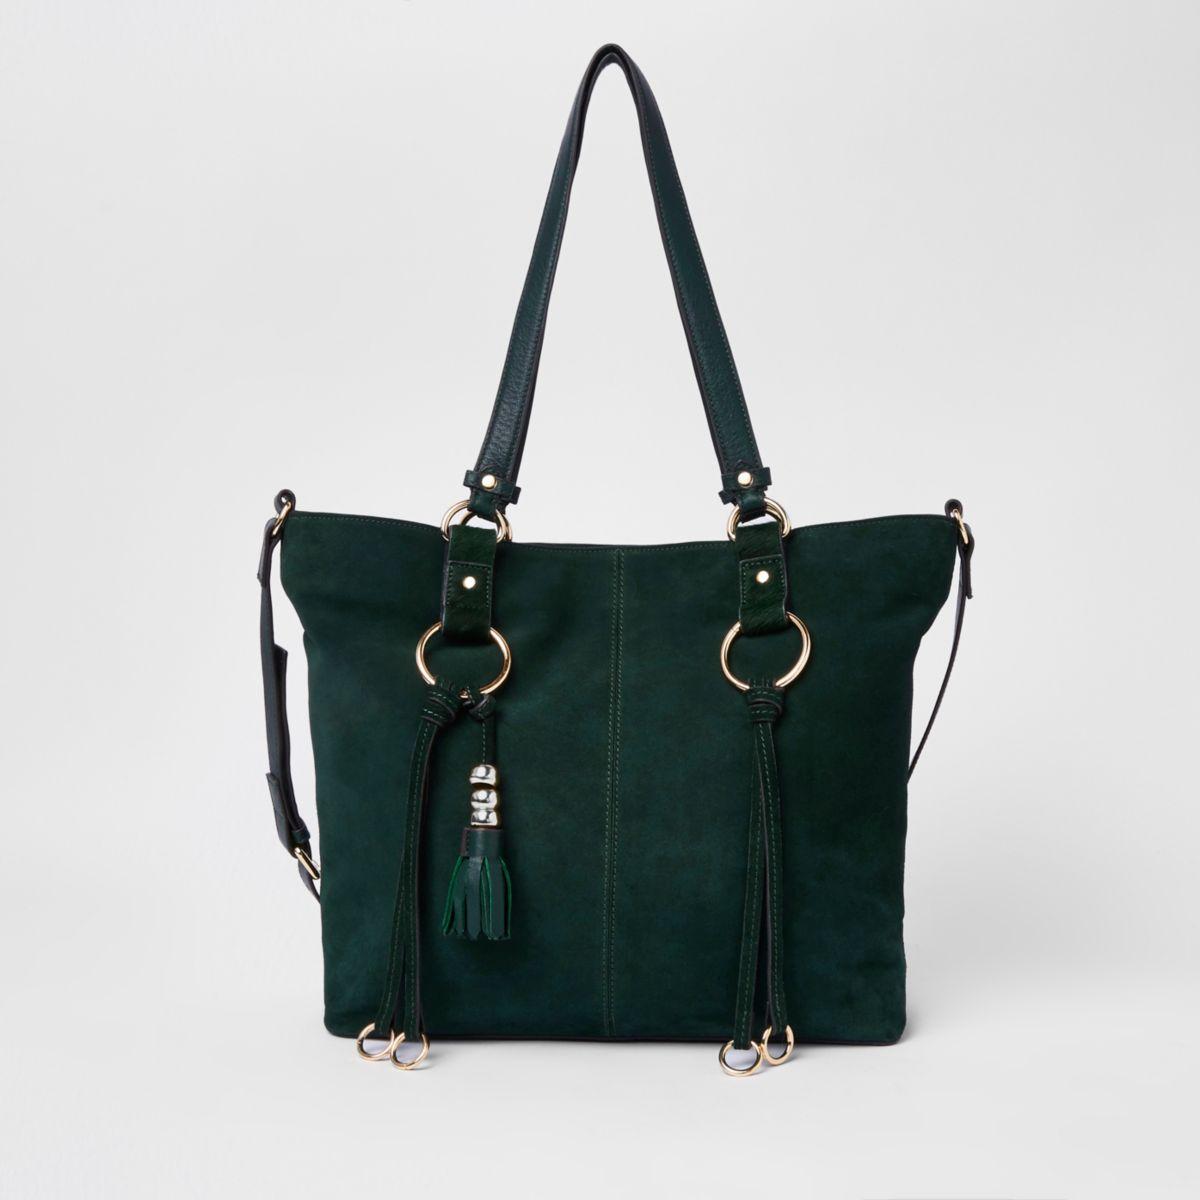 Schwarze Shopper-Tasche aus Wildleder River Island TZJH6qYQ